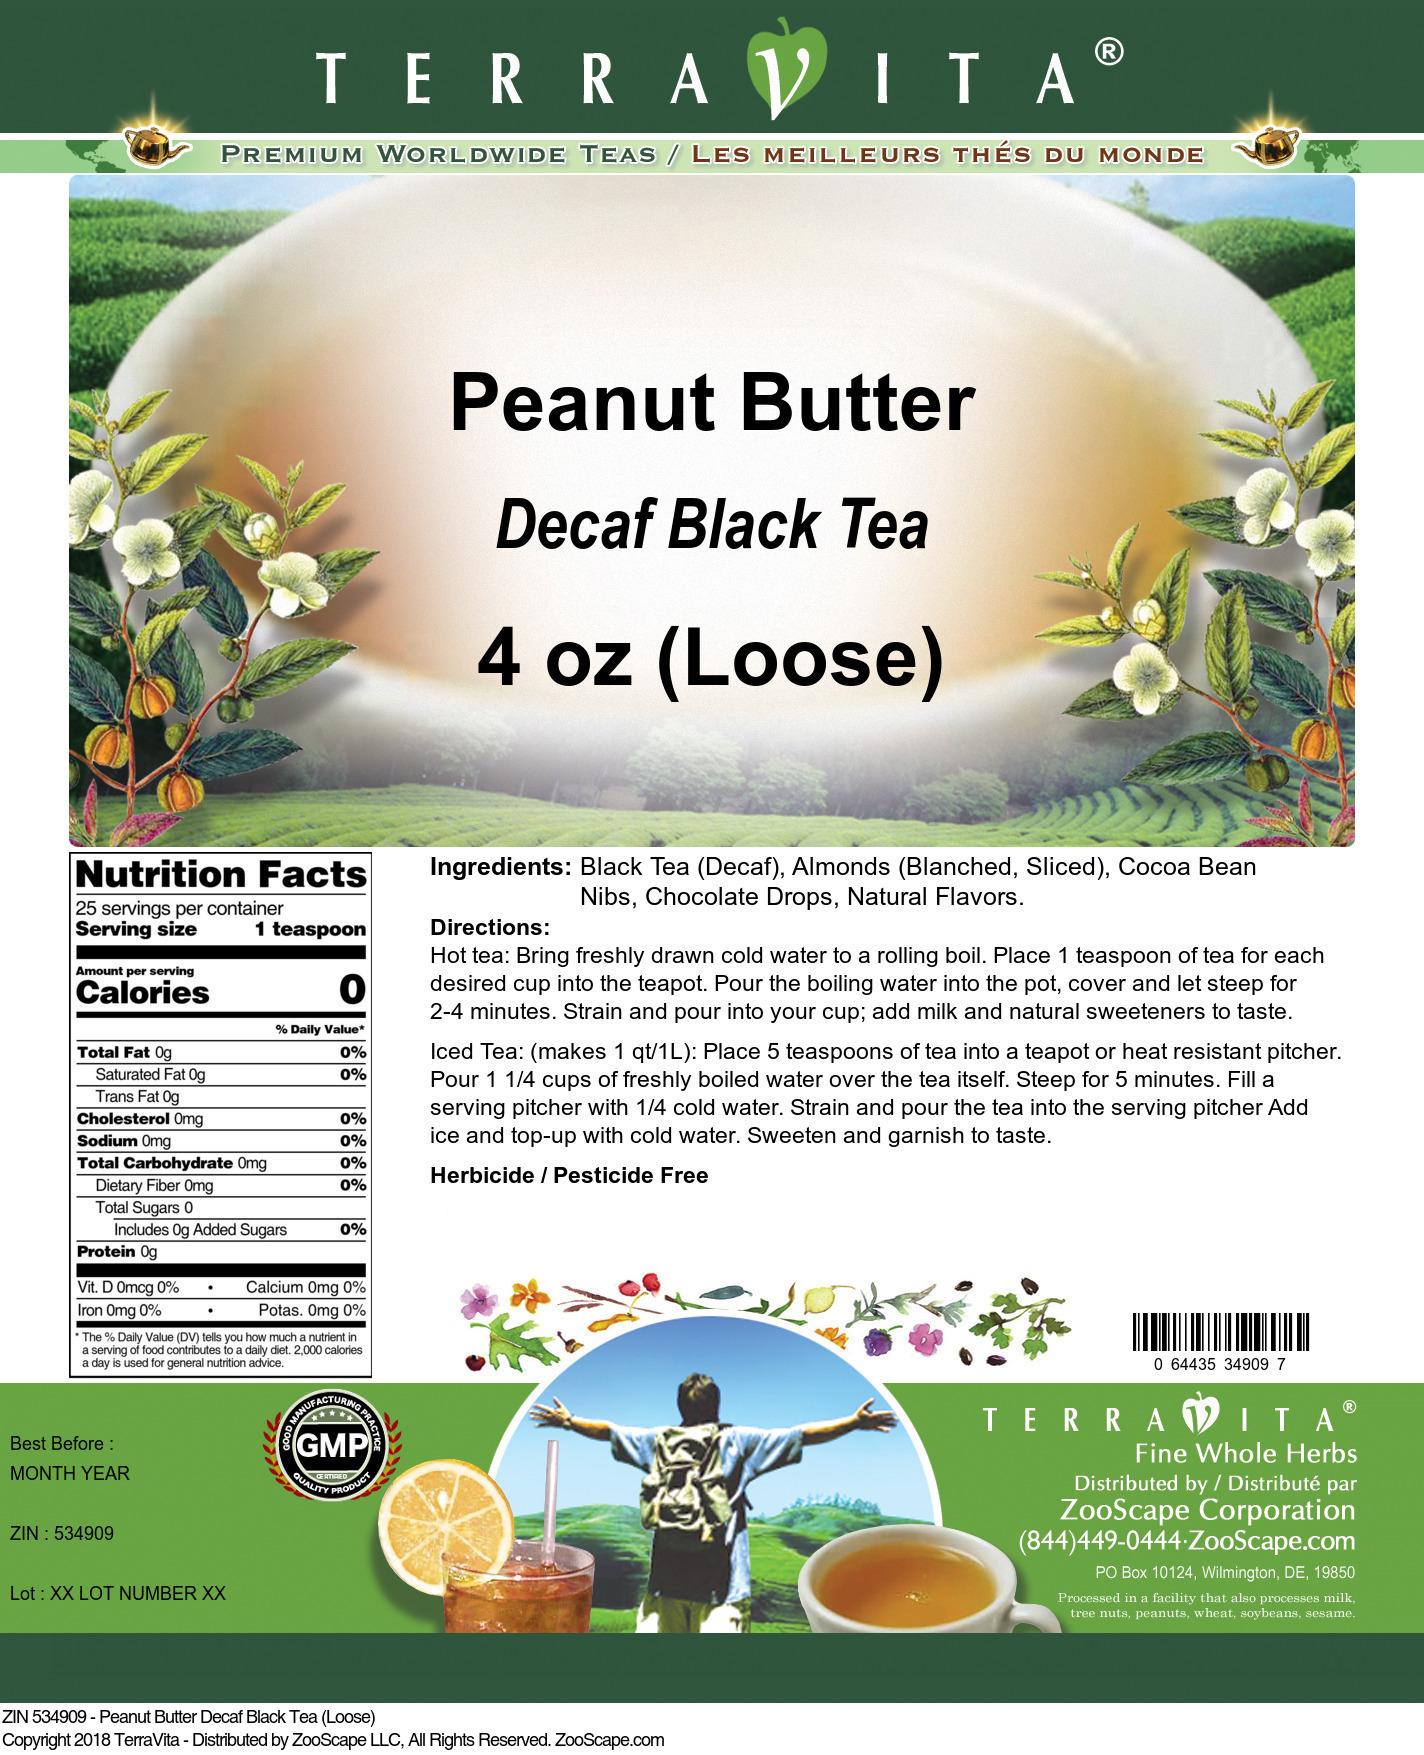 Peanut Butter Decaf Black Tea